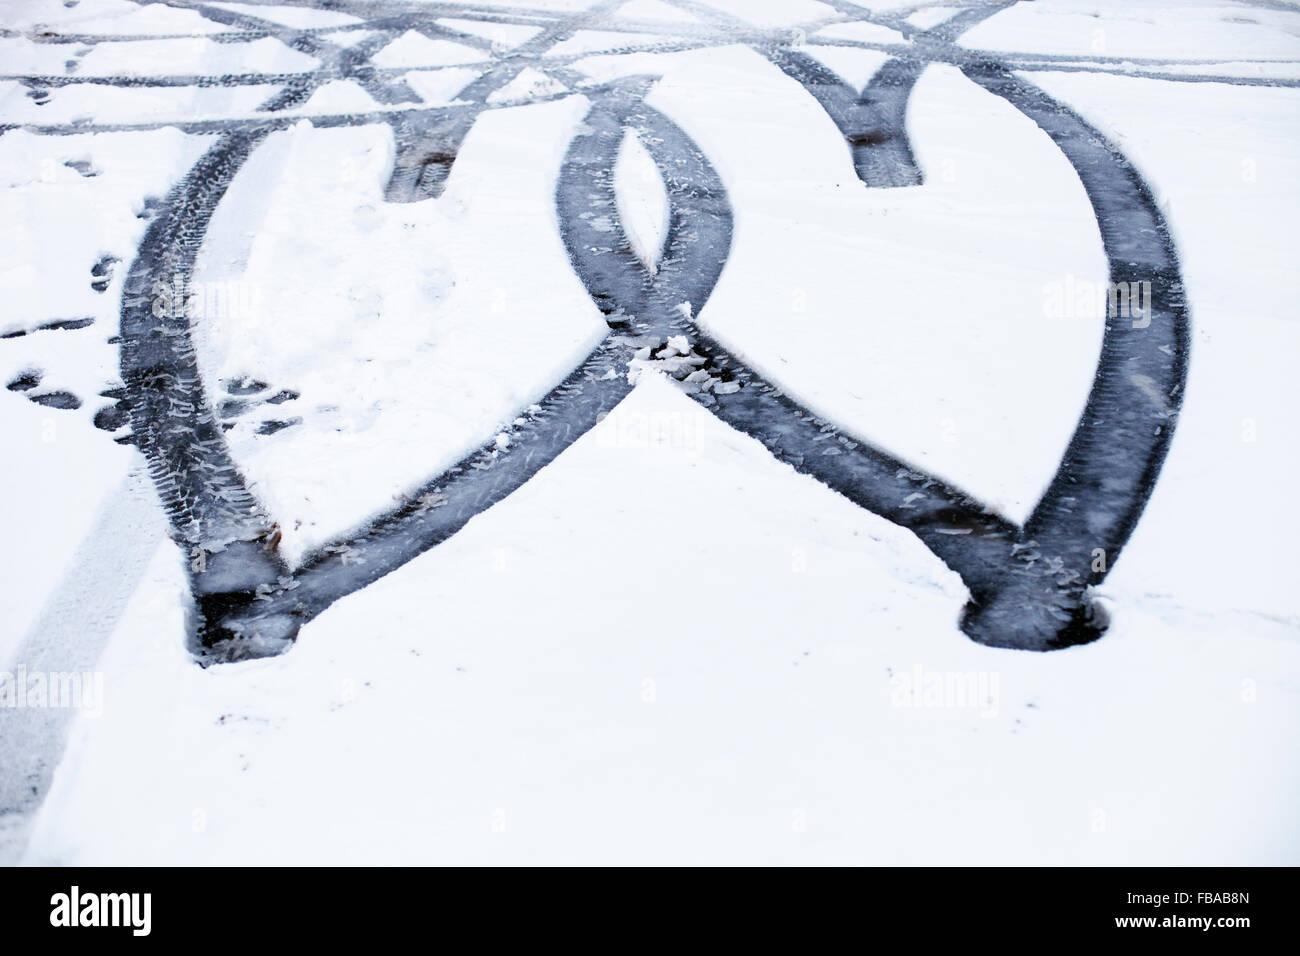 Finlandia, Uusimaa, los neumáticos de nieve Imagen De Stock